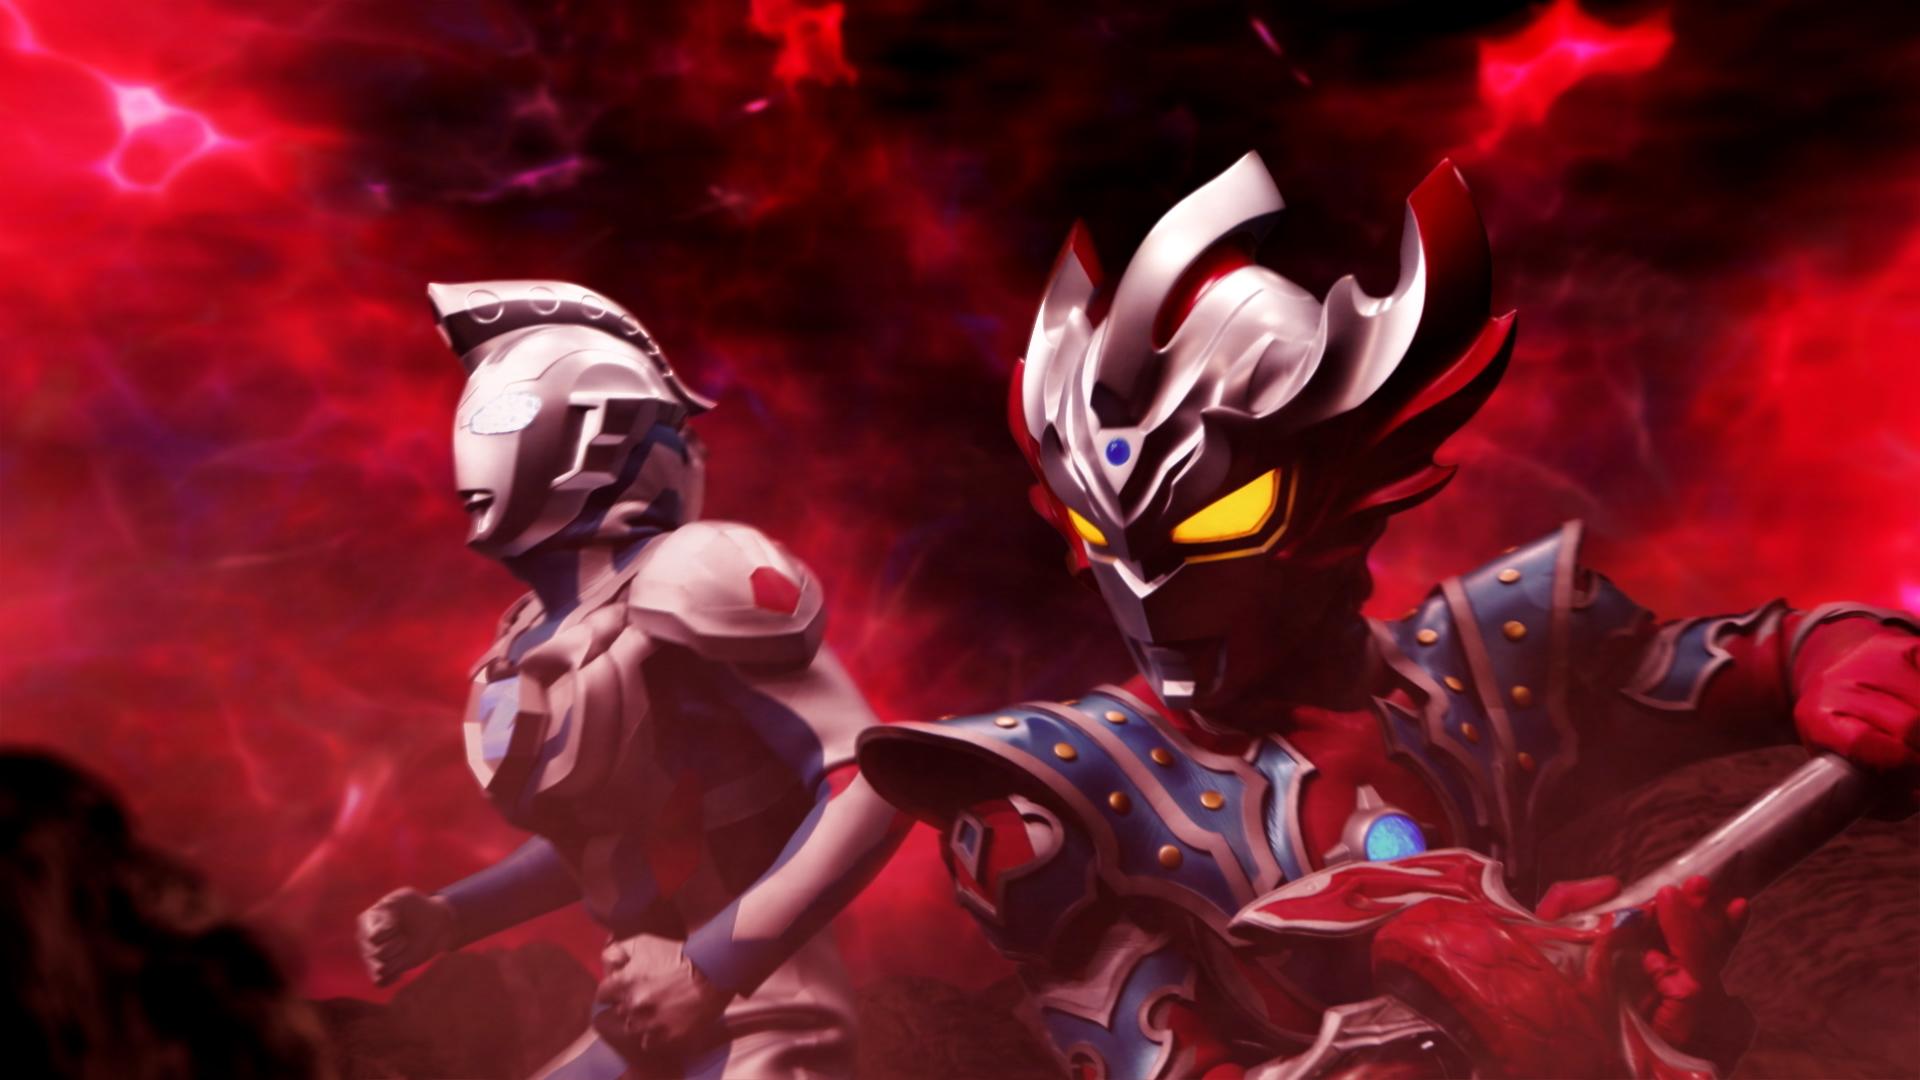 https://m-78.jp/galaxy-fight/tac/img/ep3/chapter3-3_01.jpg